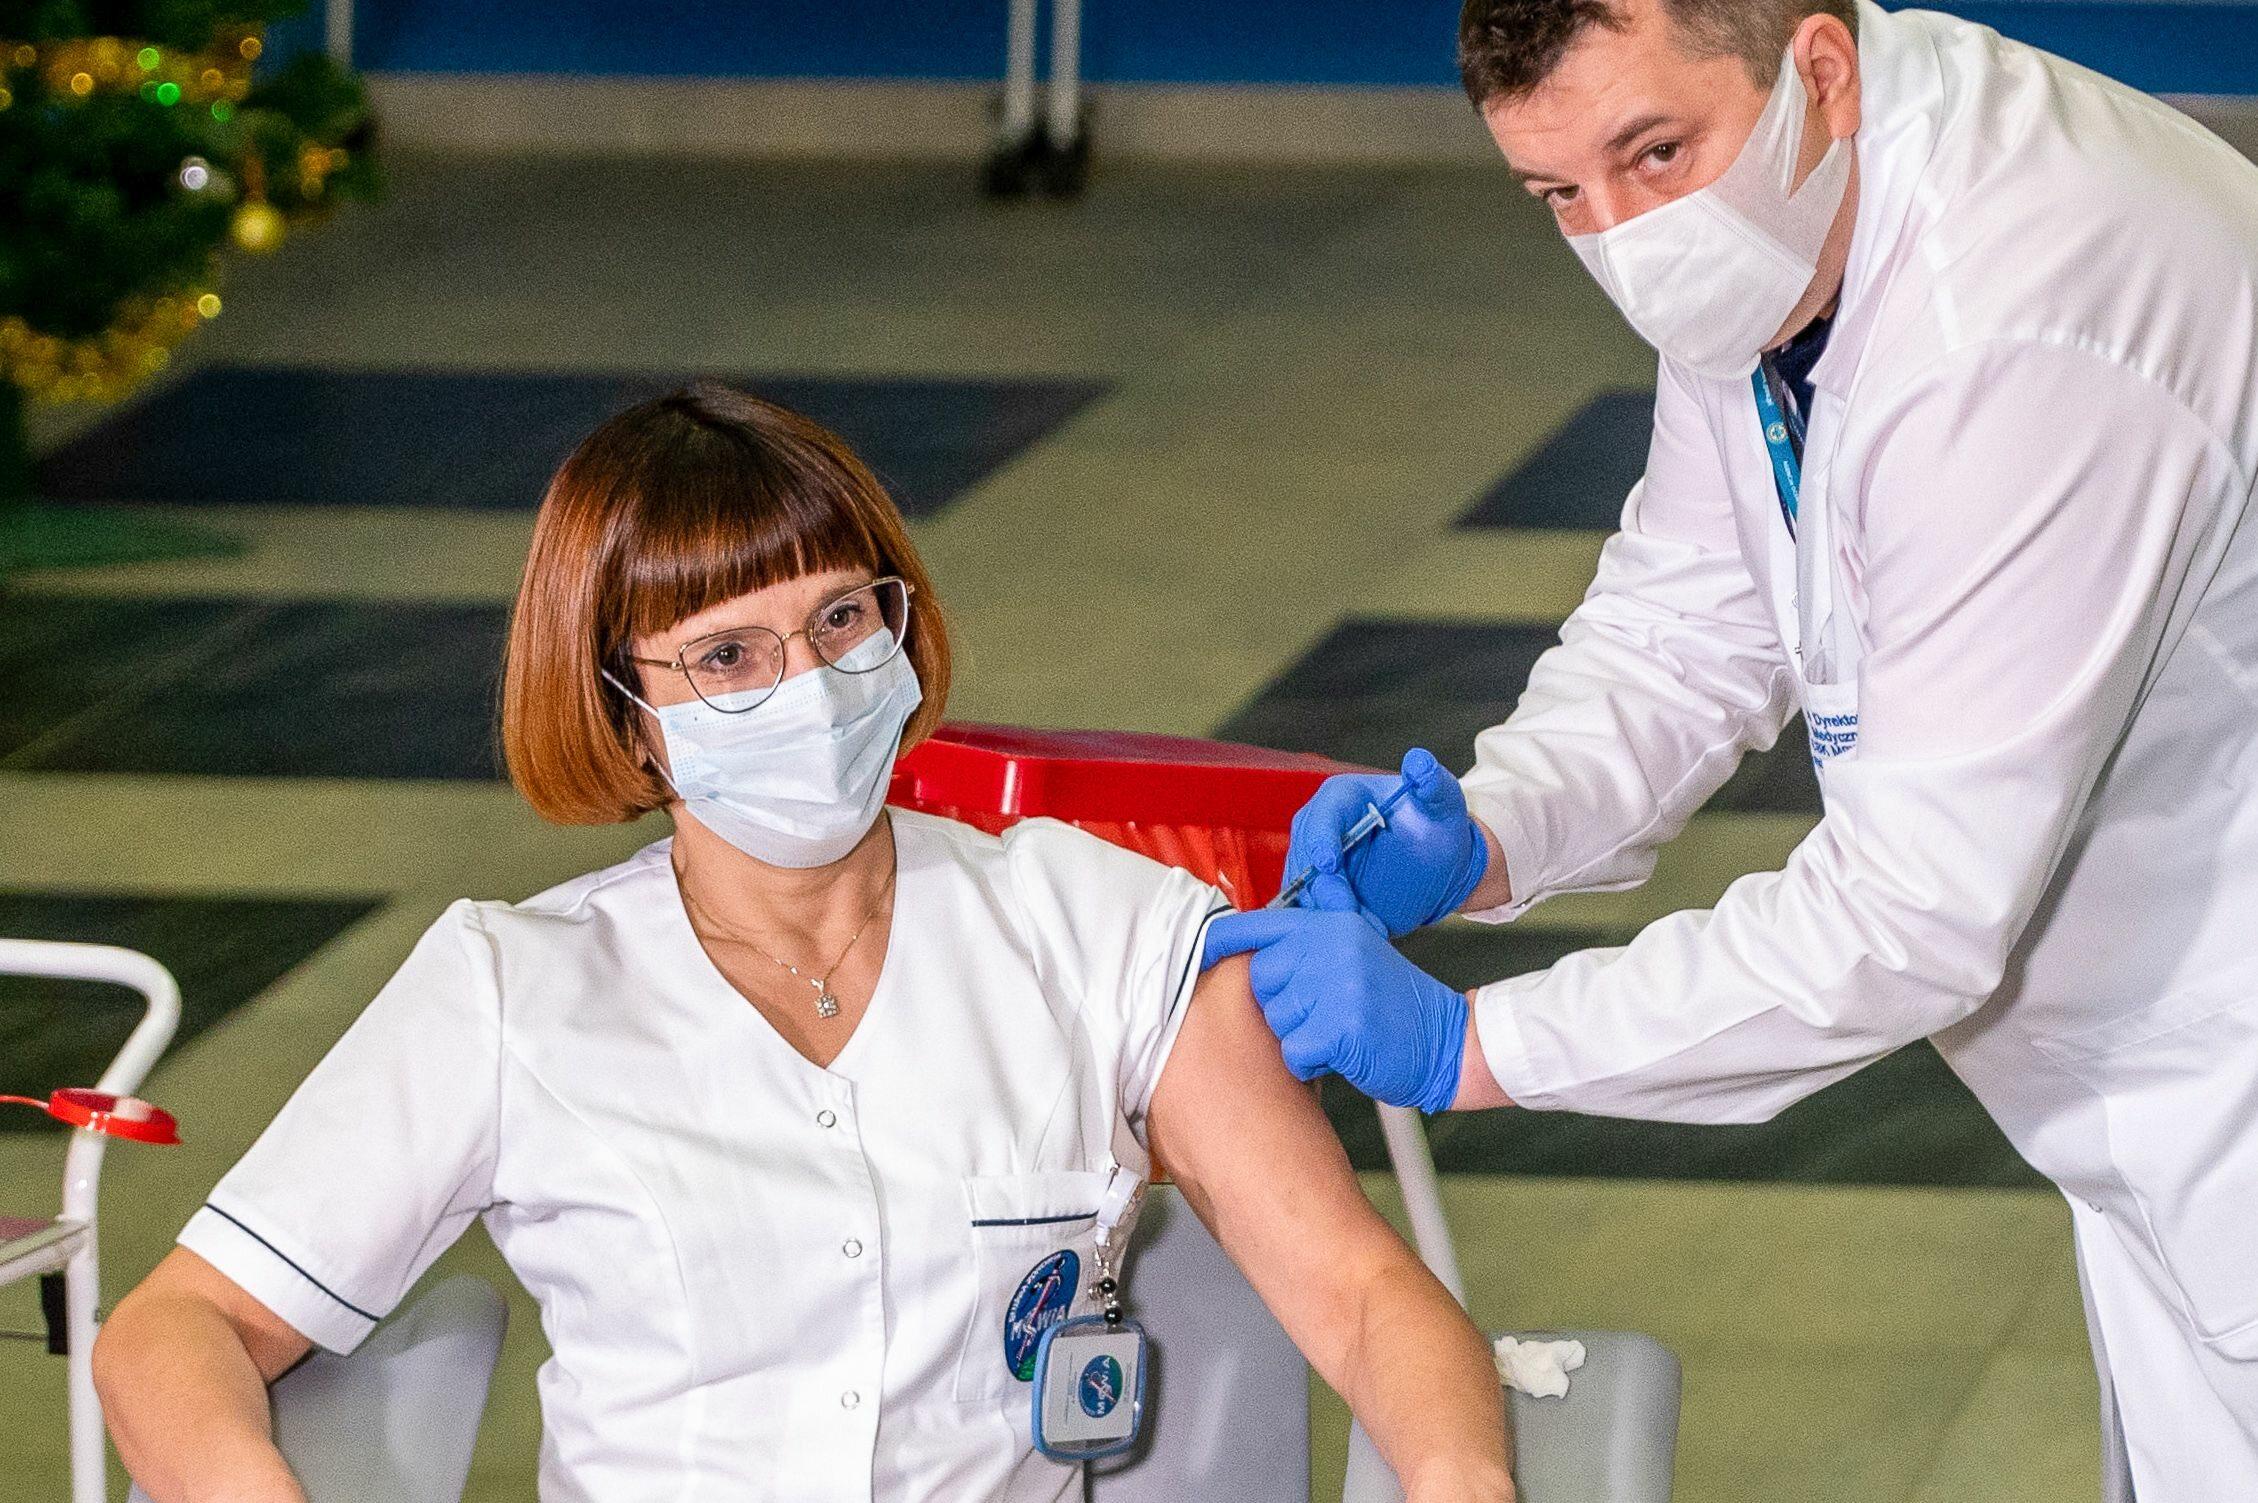 Dr Artur Zaczyński i Alicja Jakubowska, pierwsza osoba zaszczepiona przeciw COVID-19 w Polsce